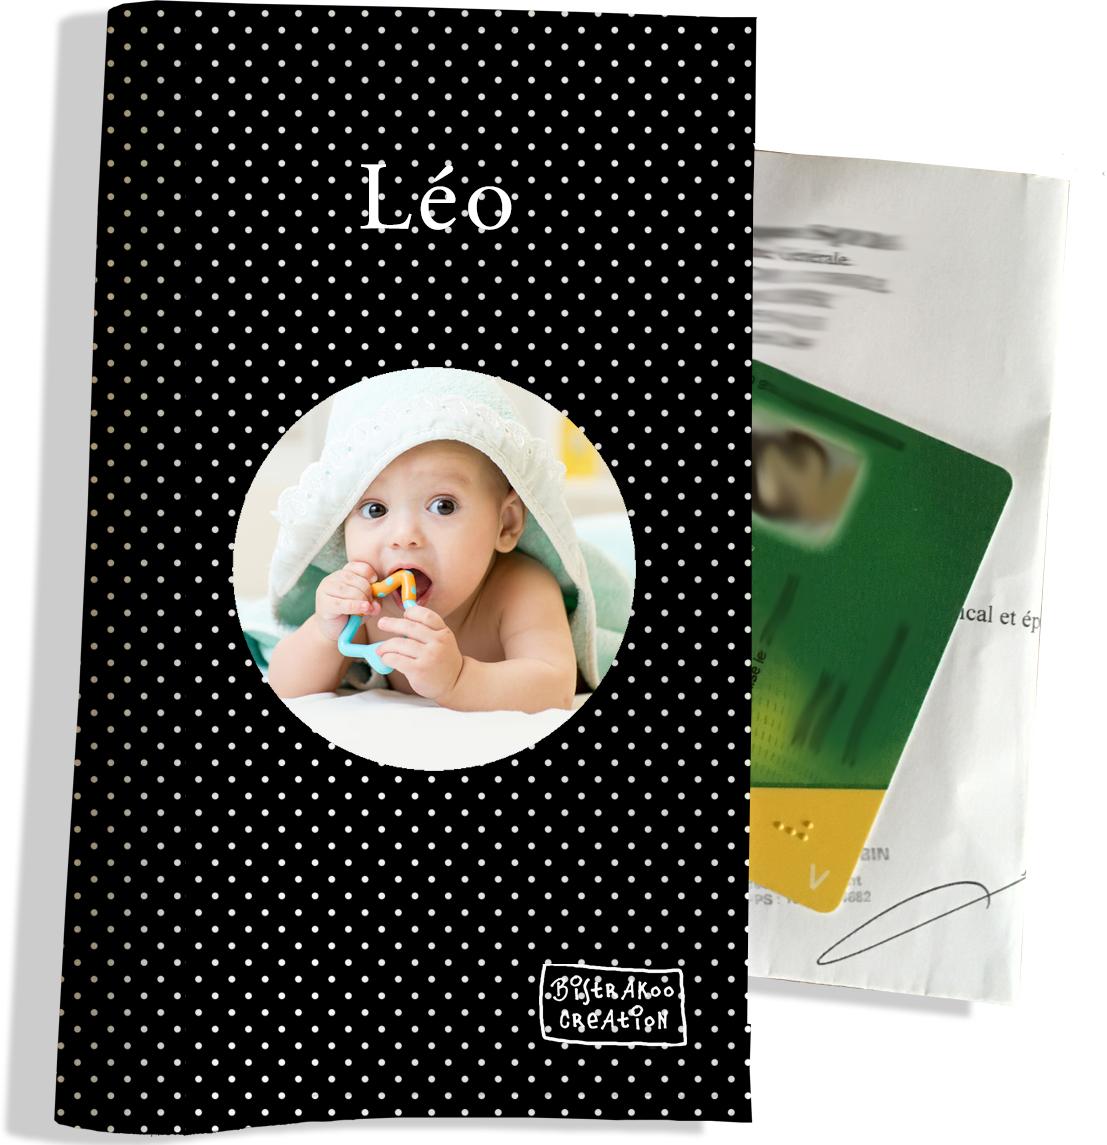 Porte ordonnance personnalisable pour bébé garçon Enfant - photo et texte de votre choix (P2066-2015-photo)